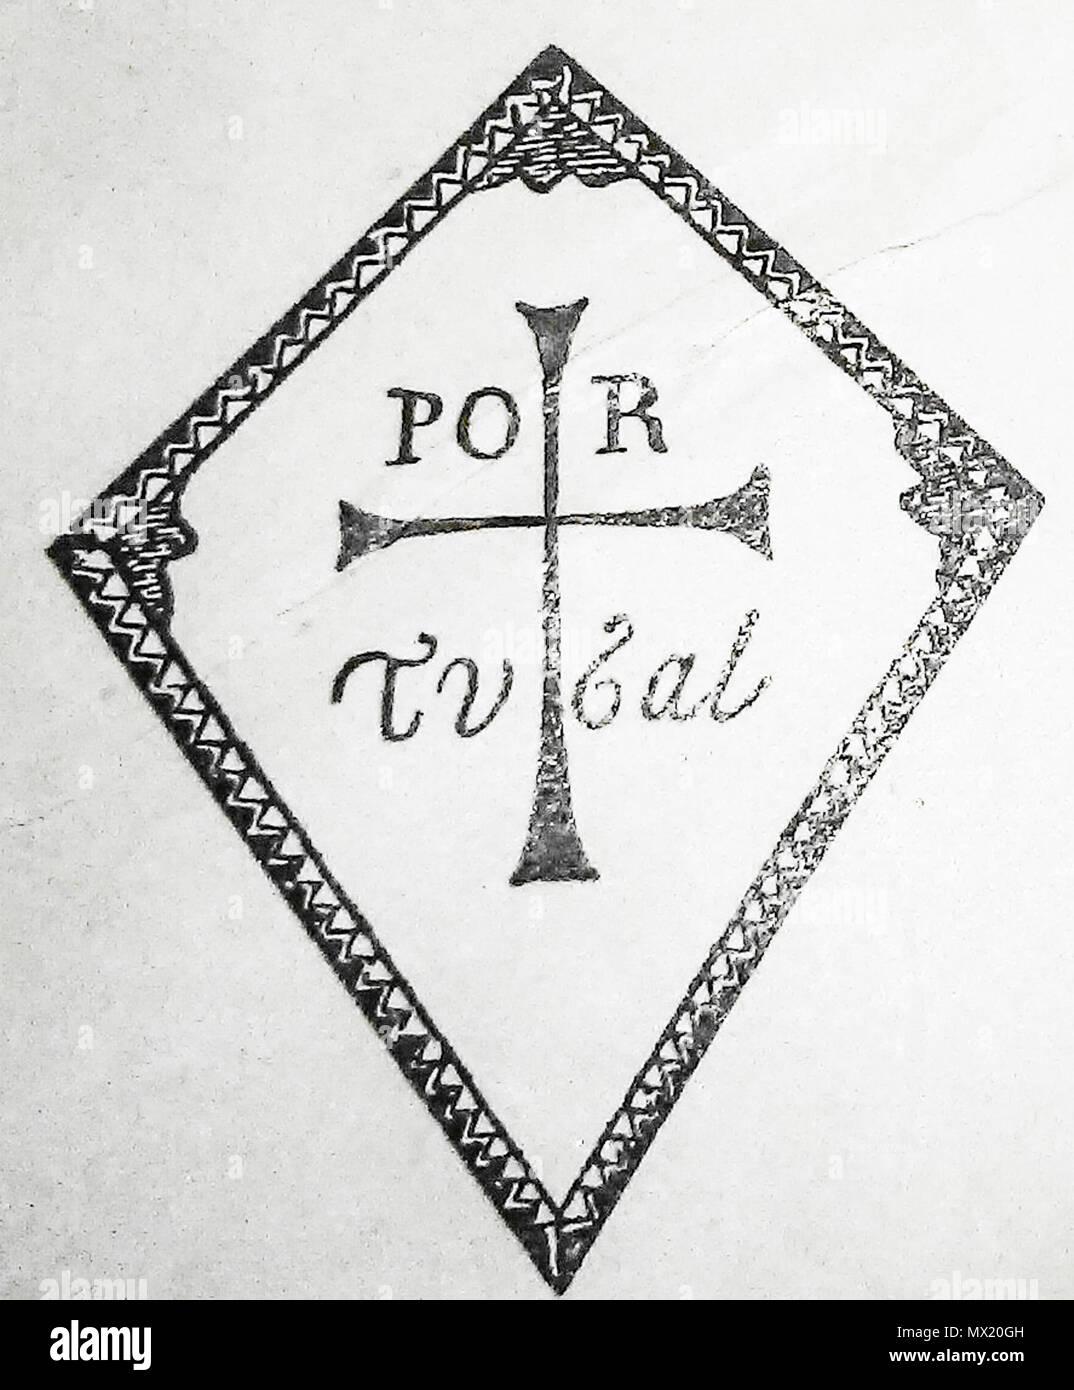 . Português: Sinal de Afonso Henriques . 14 September 2017, 16:44:06. Unknown 560 Sinal de Afonso Henriques1 - Stock Image